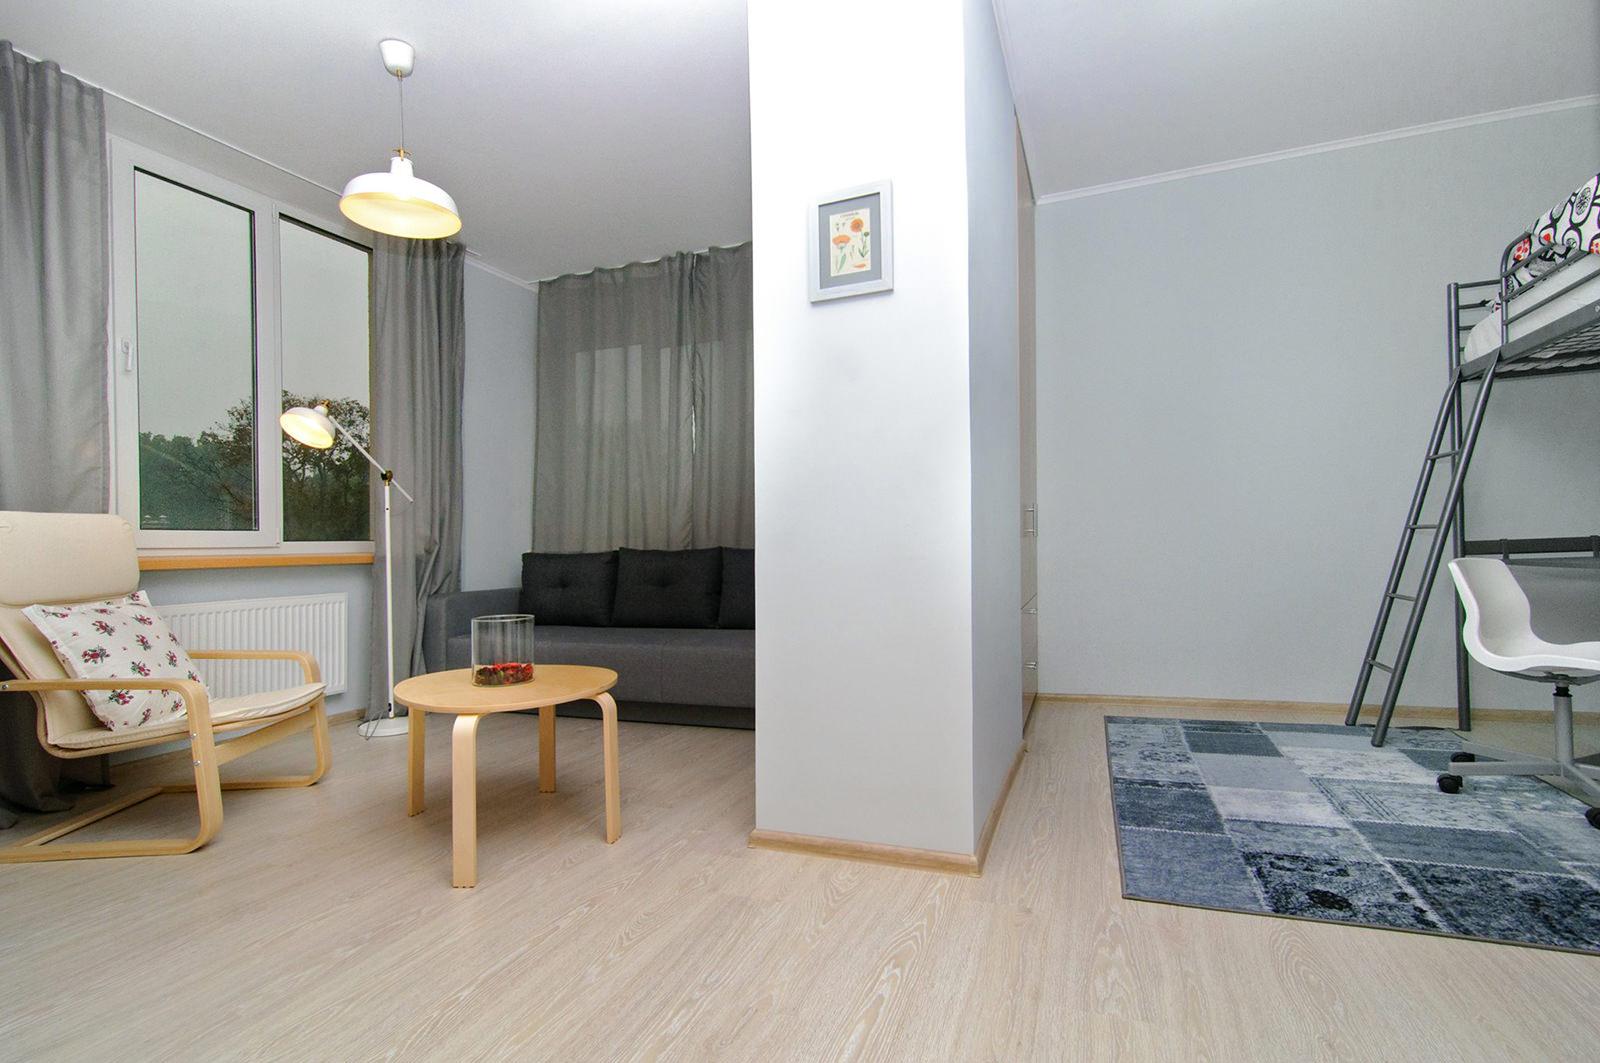 лаконичный дизайн однокомнатной квартиры